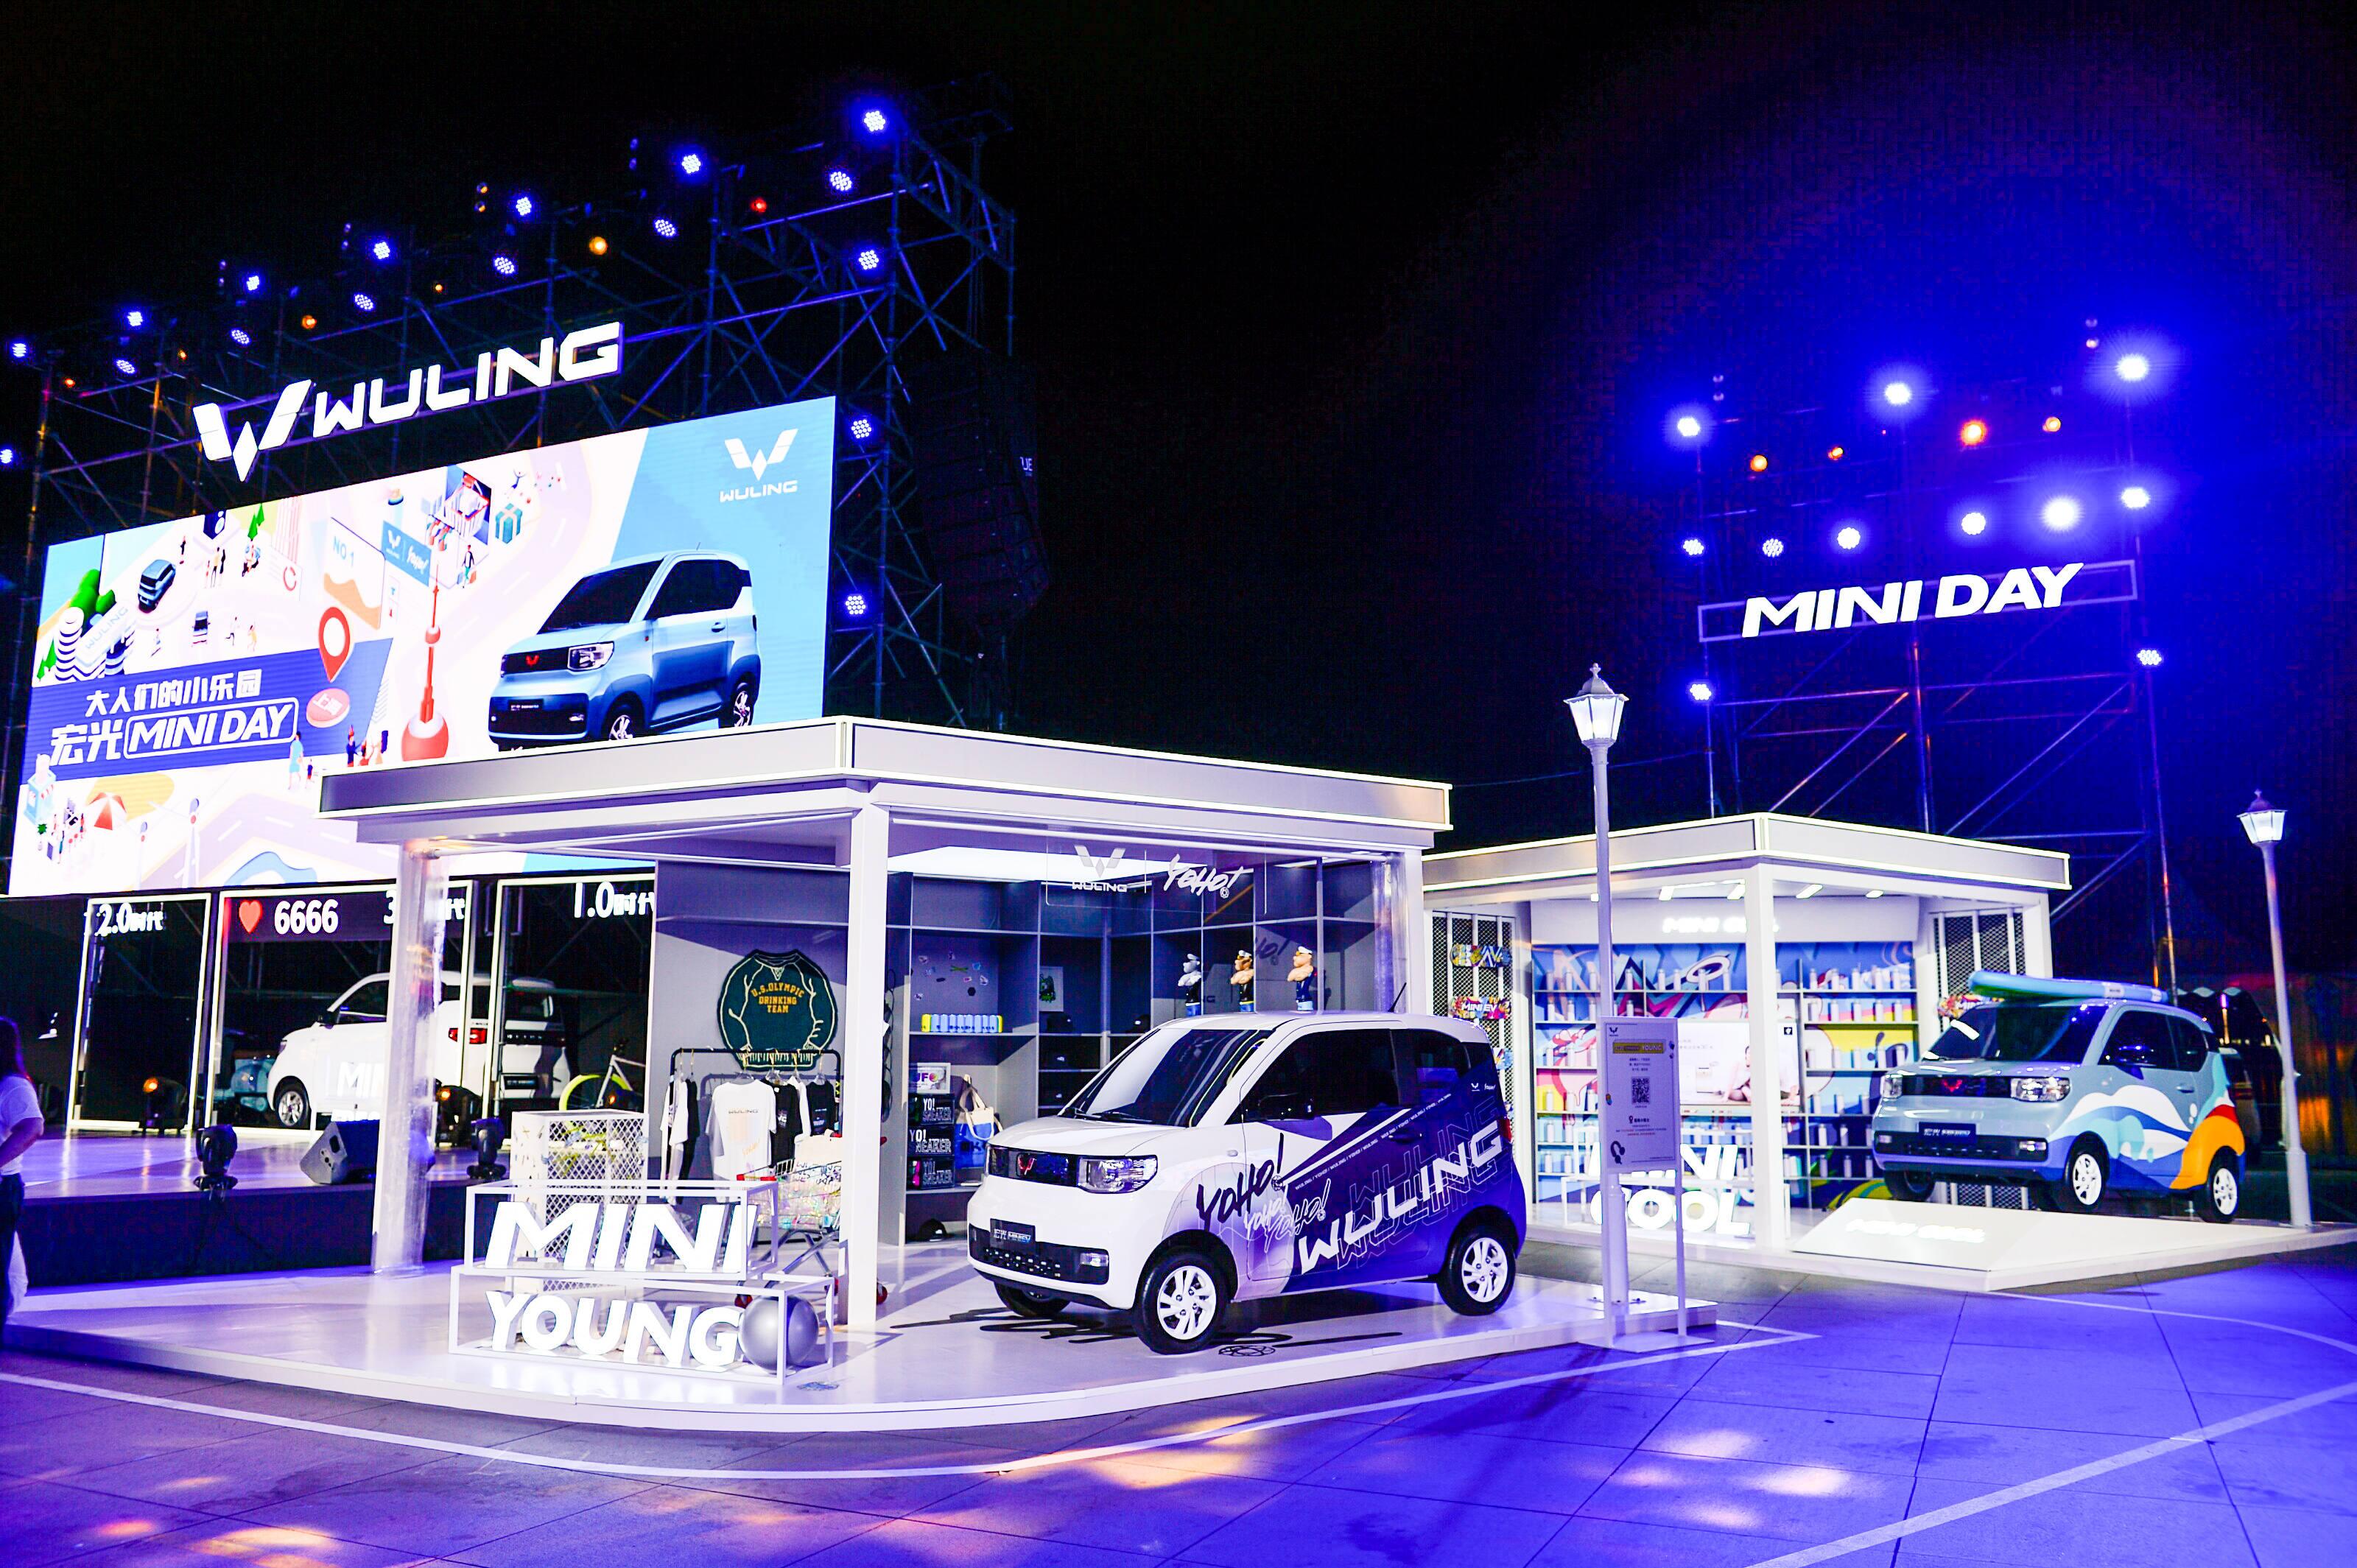 上汽通用五菱2020年销量160万辆,小型电动车市占率51%